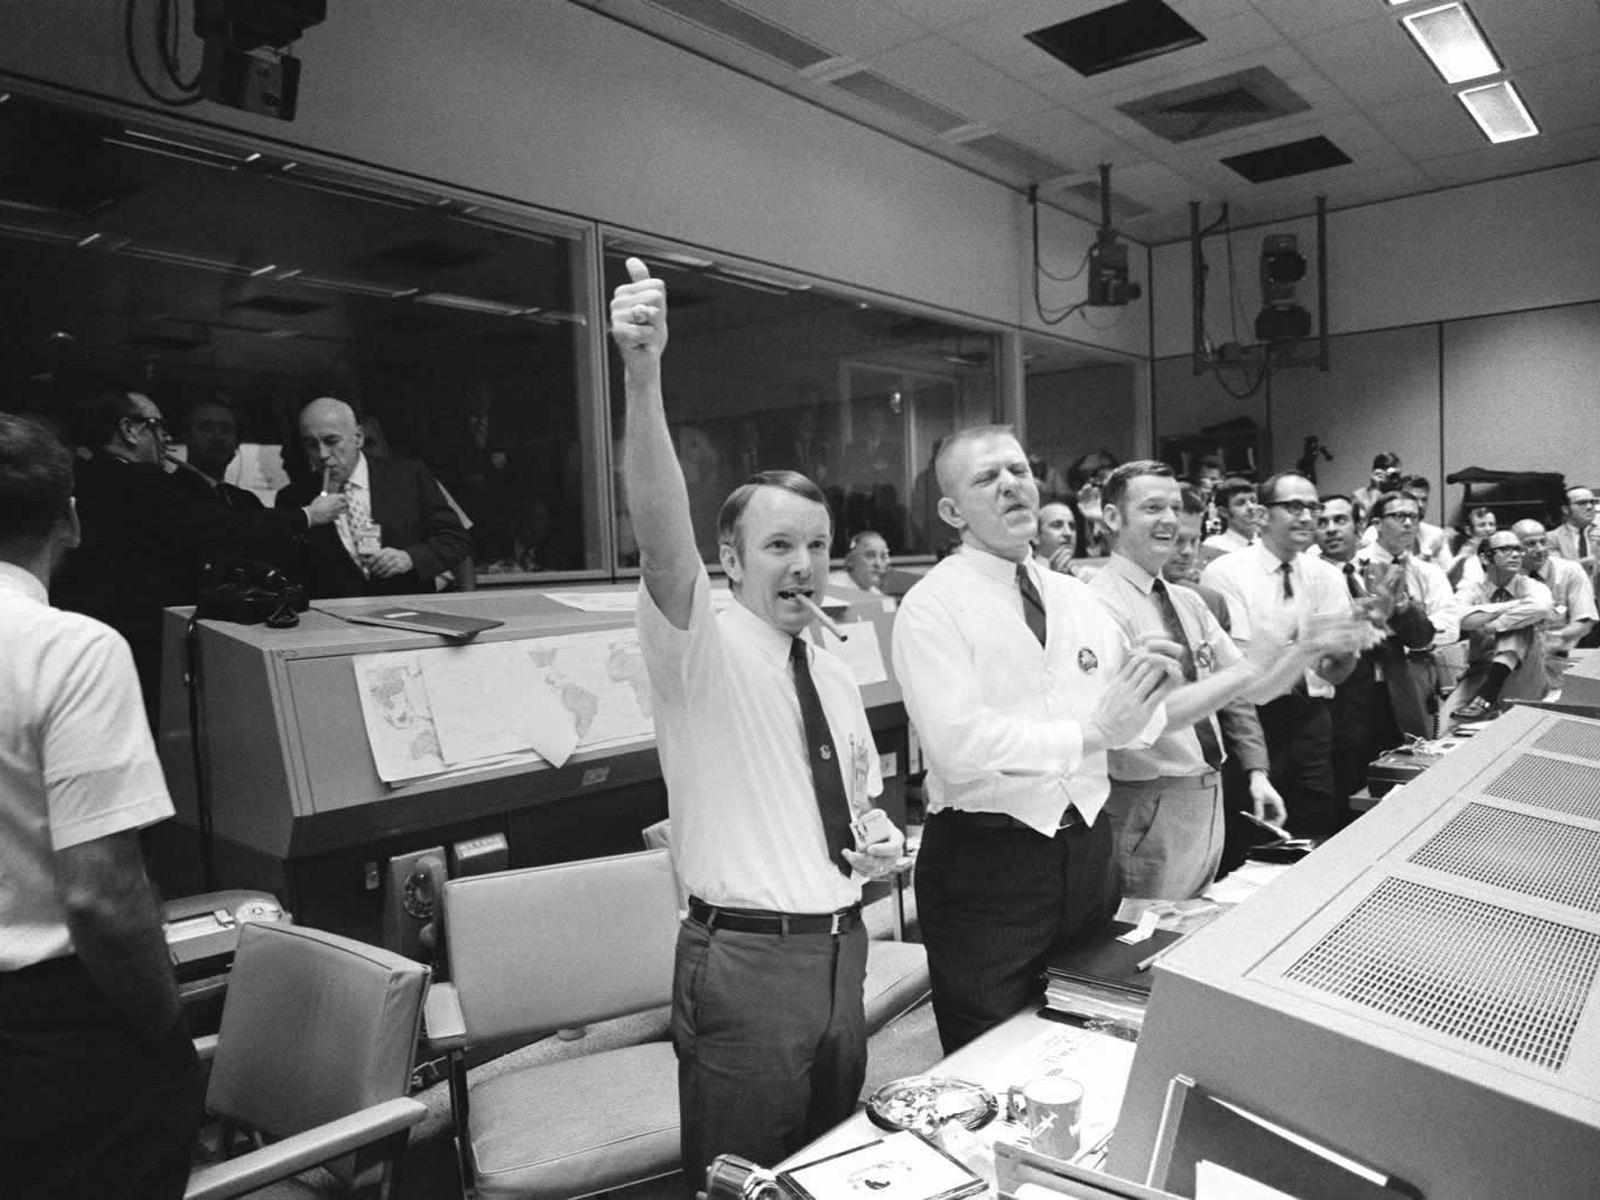 Mission Control Celebrates Apollo 13 Splashdown | NASA